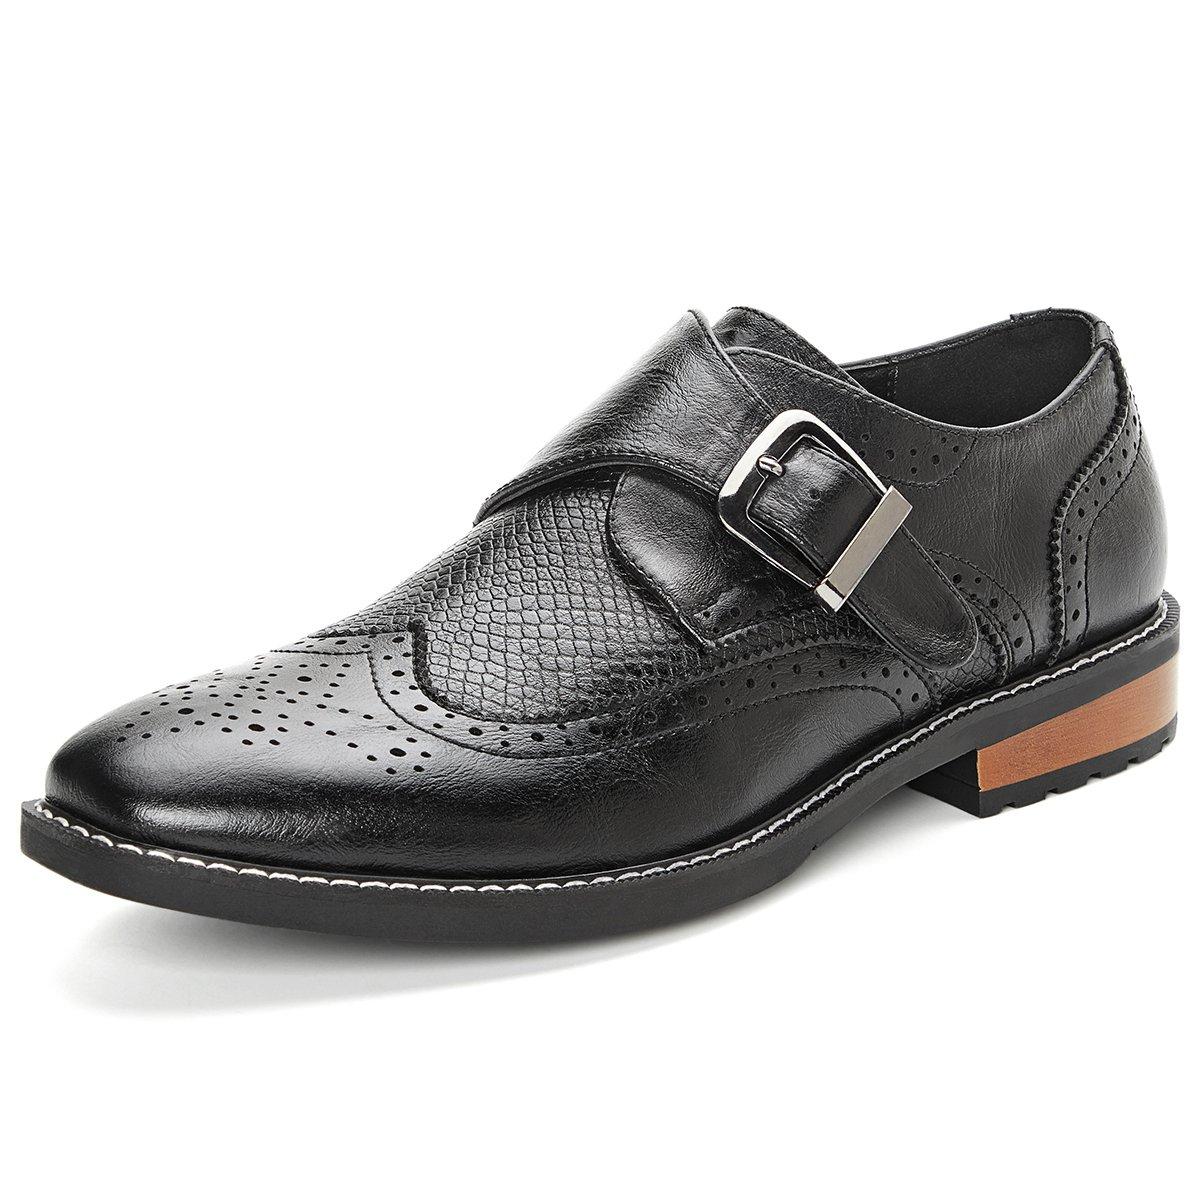 Men'sLeatherOxfordDressShoesFormalLaceUpModern Shoes